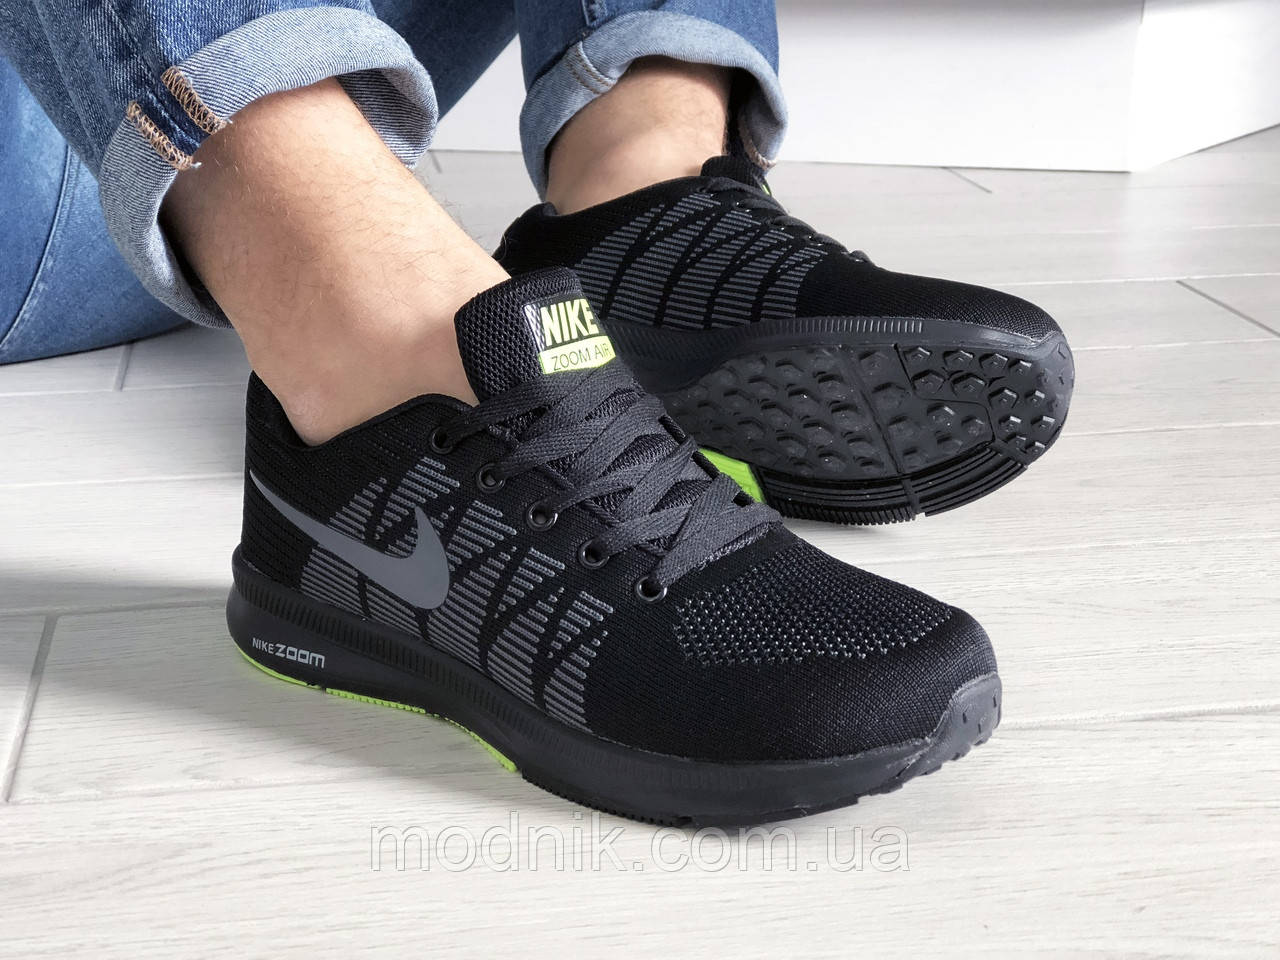 Мужские кроссовки Nike ZOOM (черно-серые с салатовым) 9242